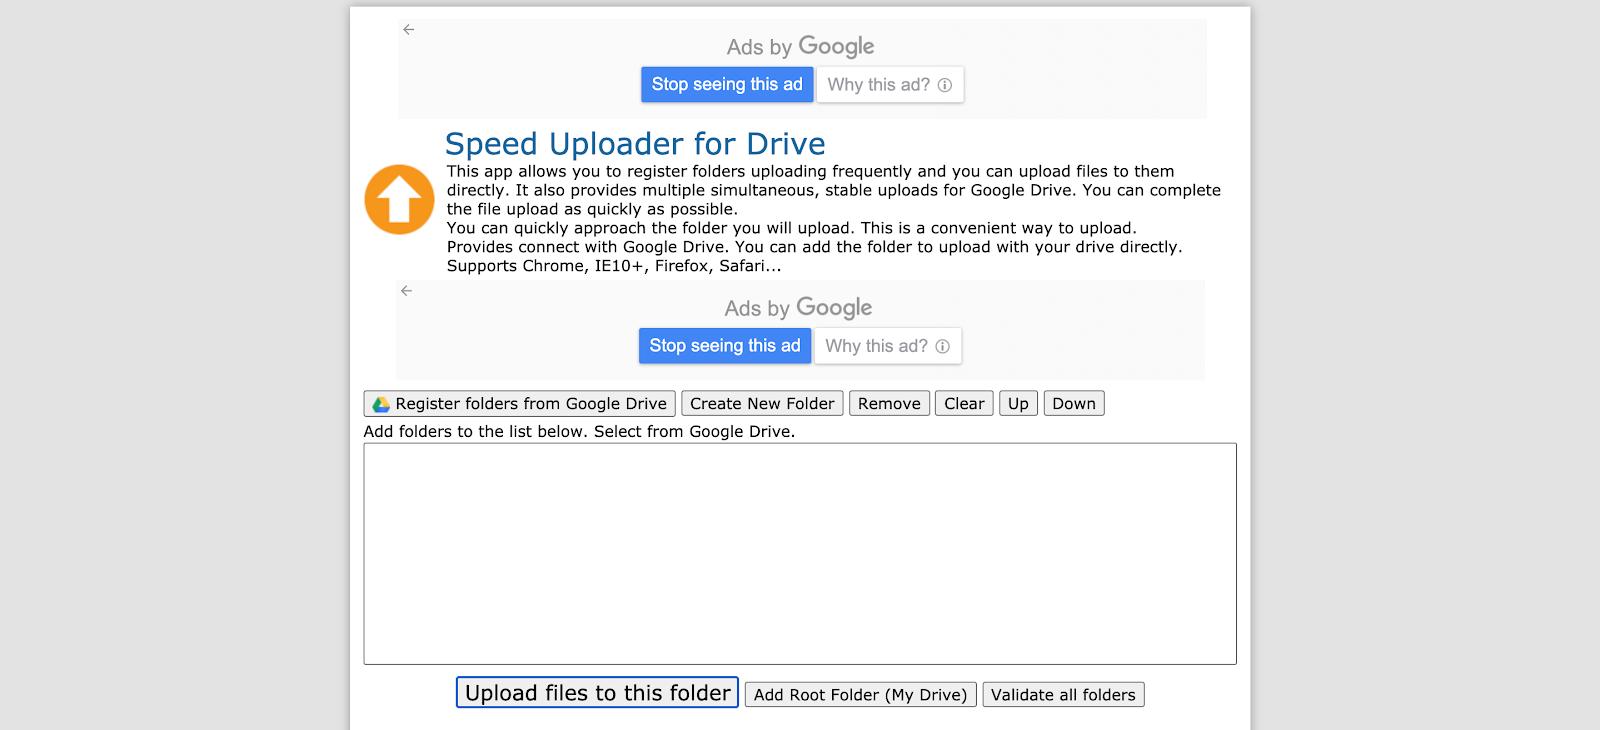 Upload files in Speed Uploader